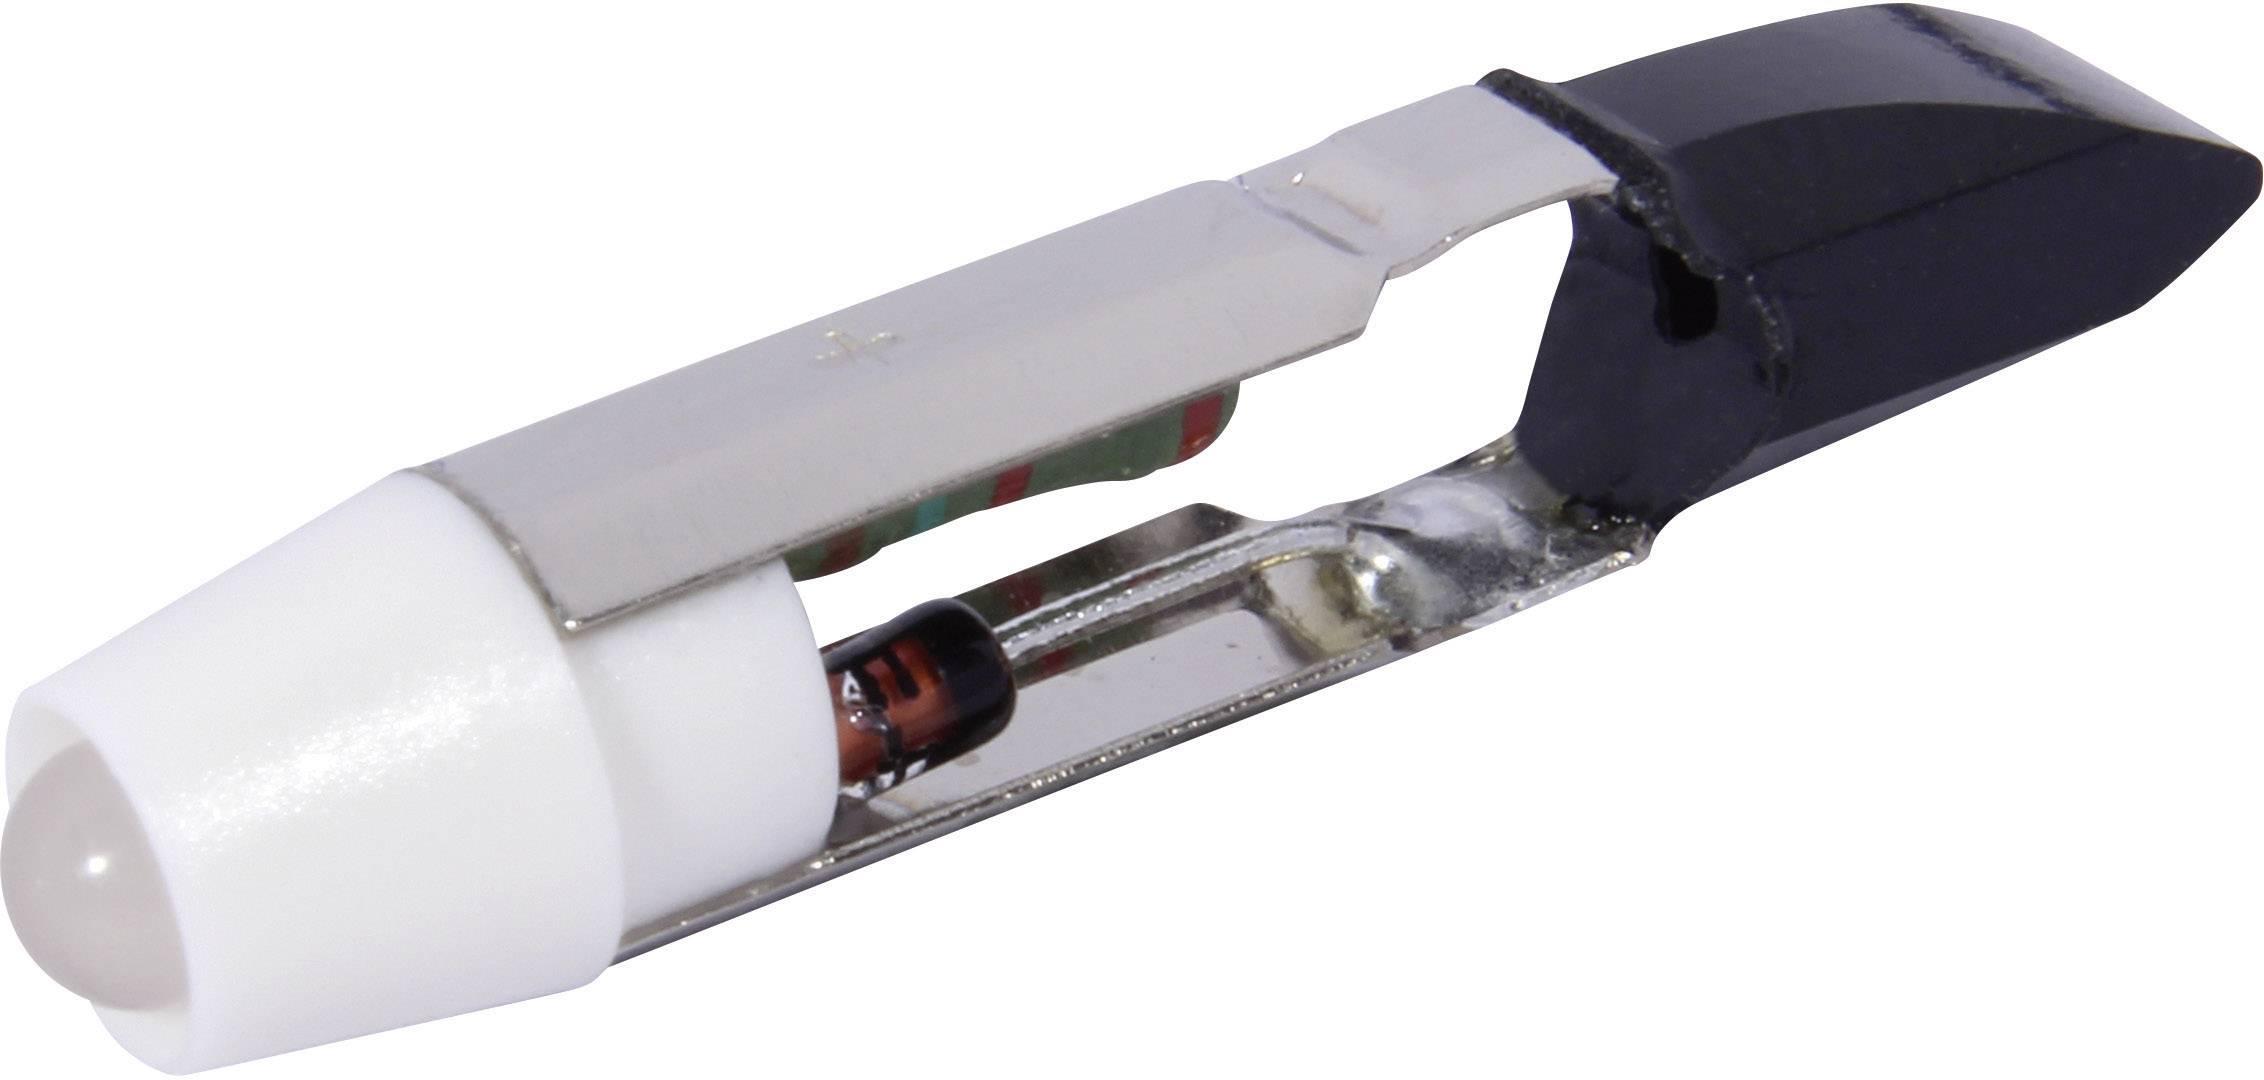 LEDžiarovka CML 1505135L3, T5.5, 24 V/DC, 24 V/AC, 1260 mcd, teplá biela